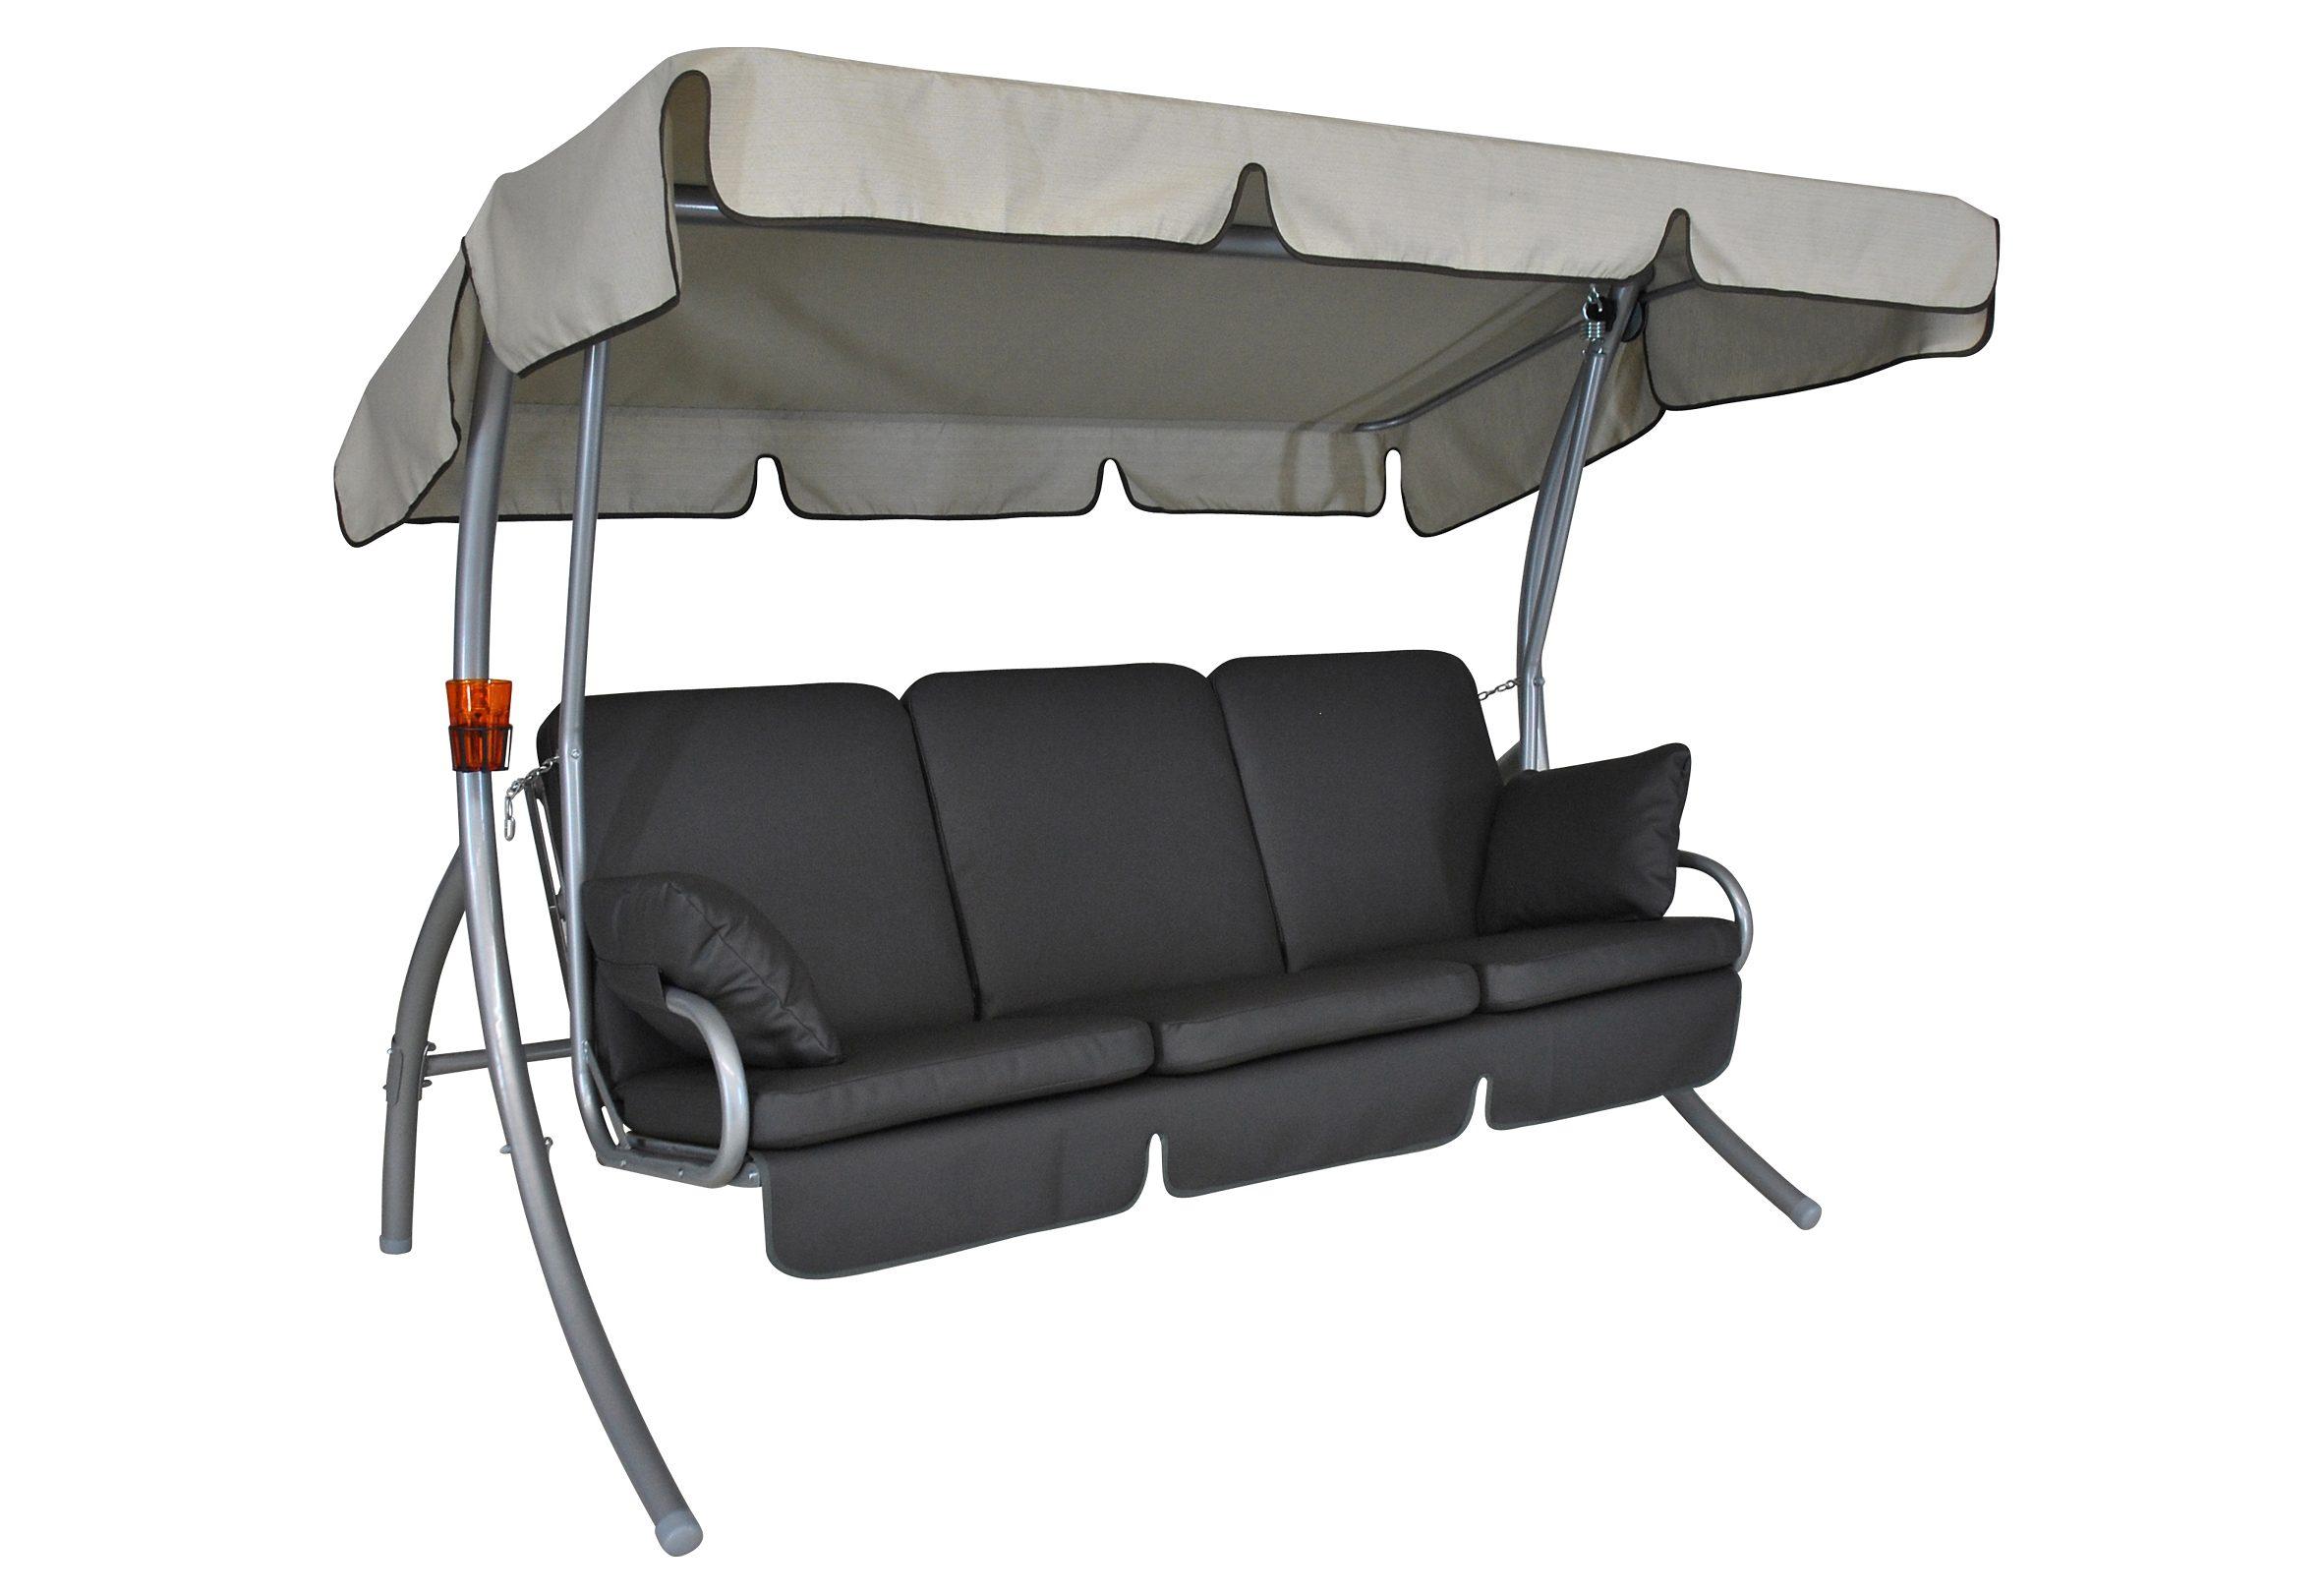 ANGERER FREIZEITMÖBEL Hollywoodschaukel »Premium Comfort«, 3-Sitzer, grau